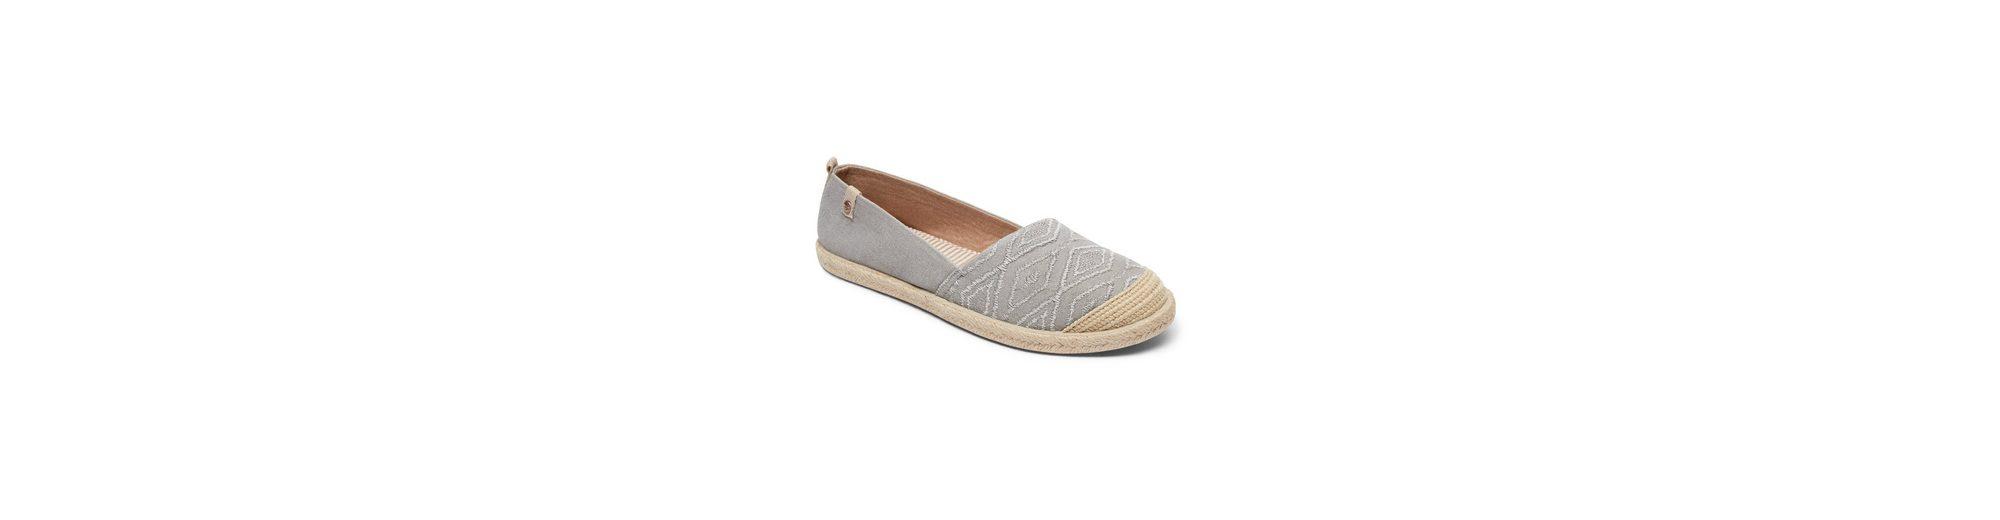 Rabatt Verkauf Roxy Schuhe Flora II Bester Online-Verkauf Verkauf Wie Viel fO23g1jf